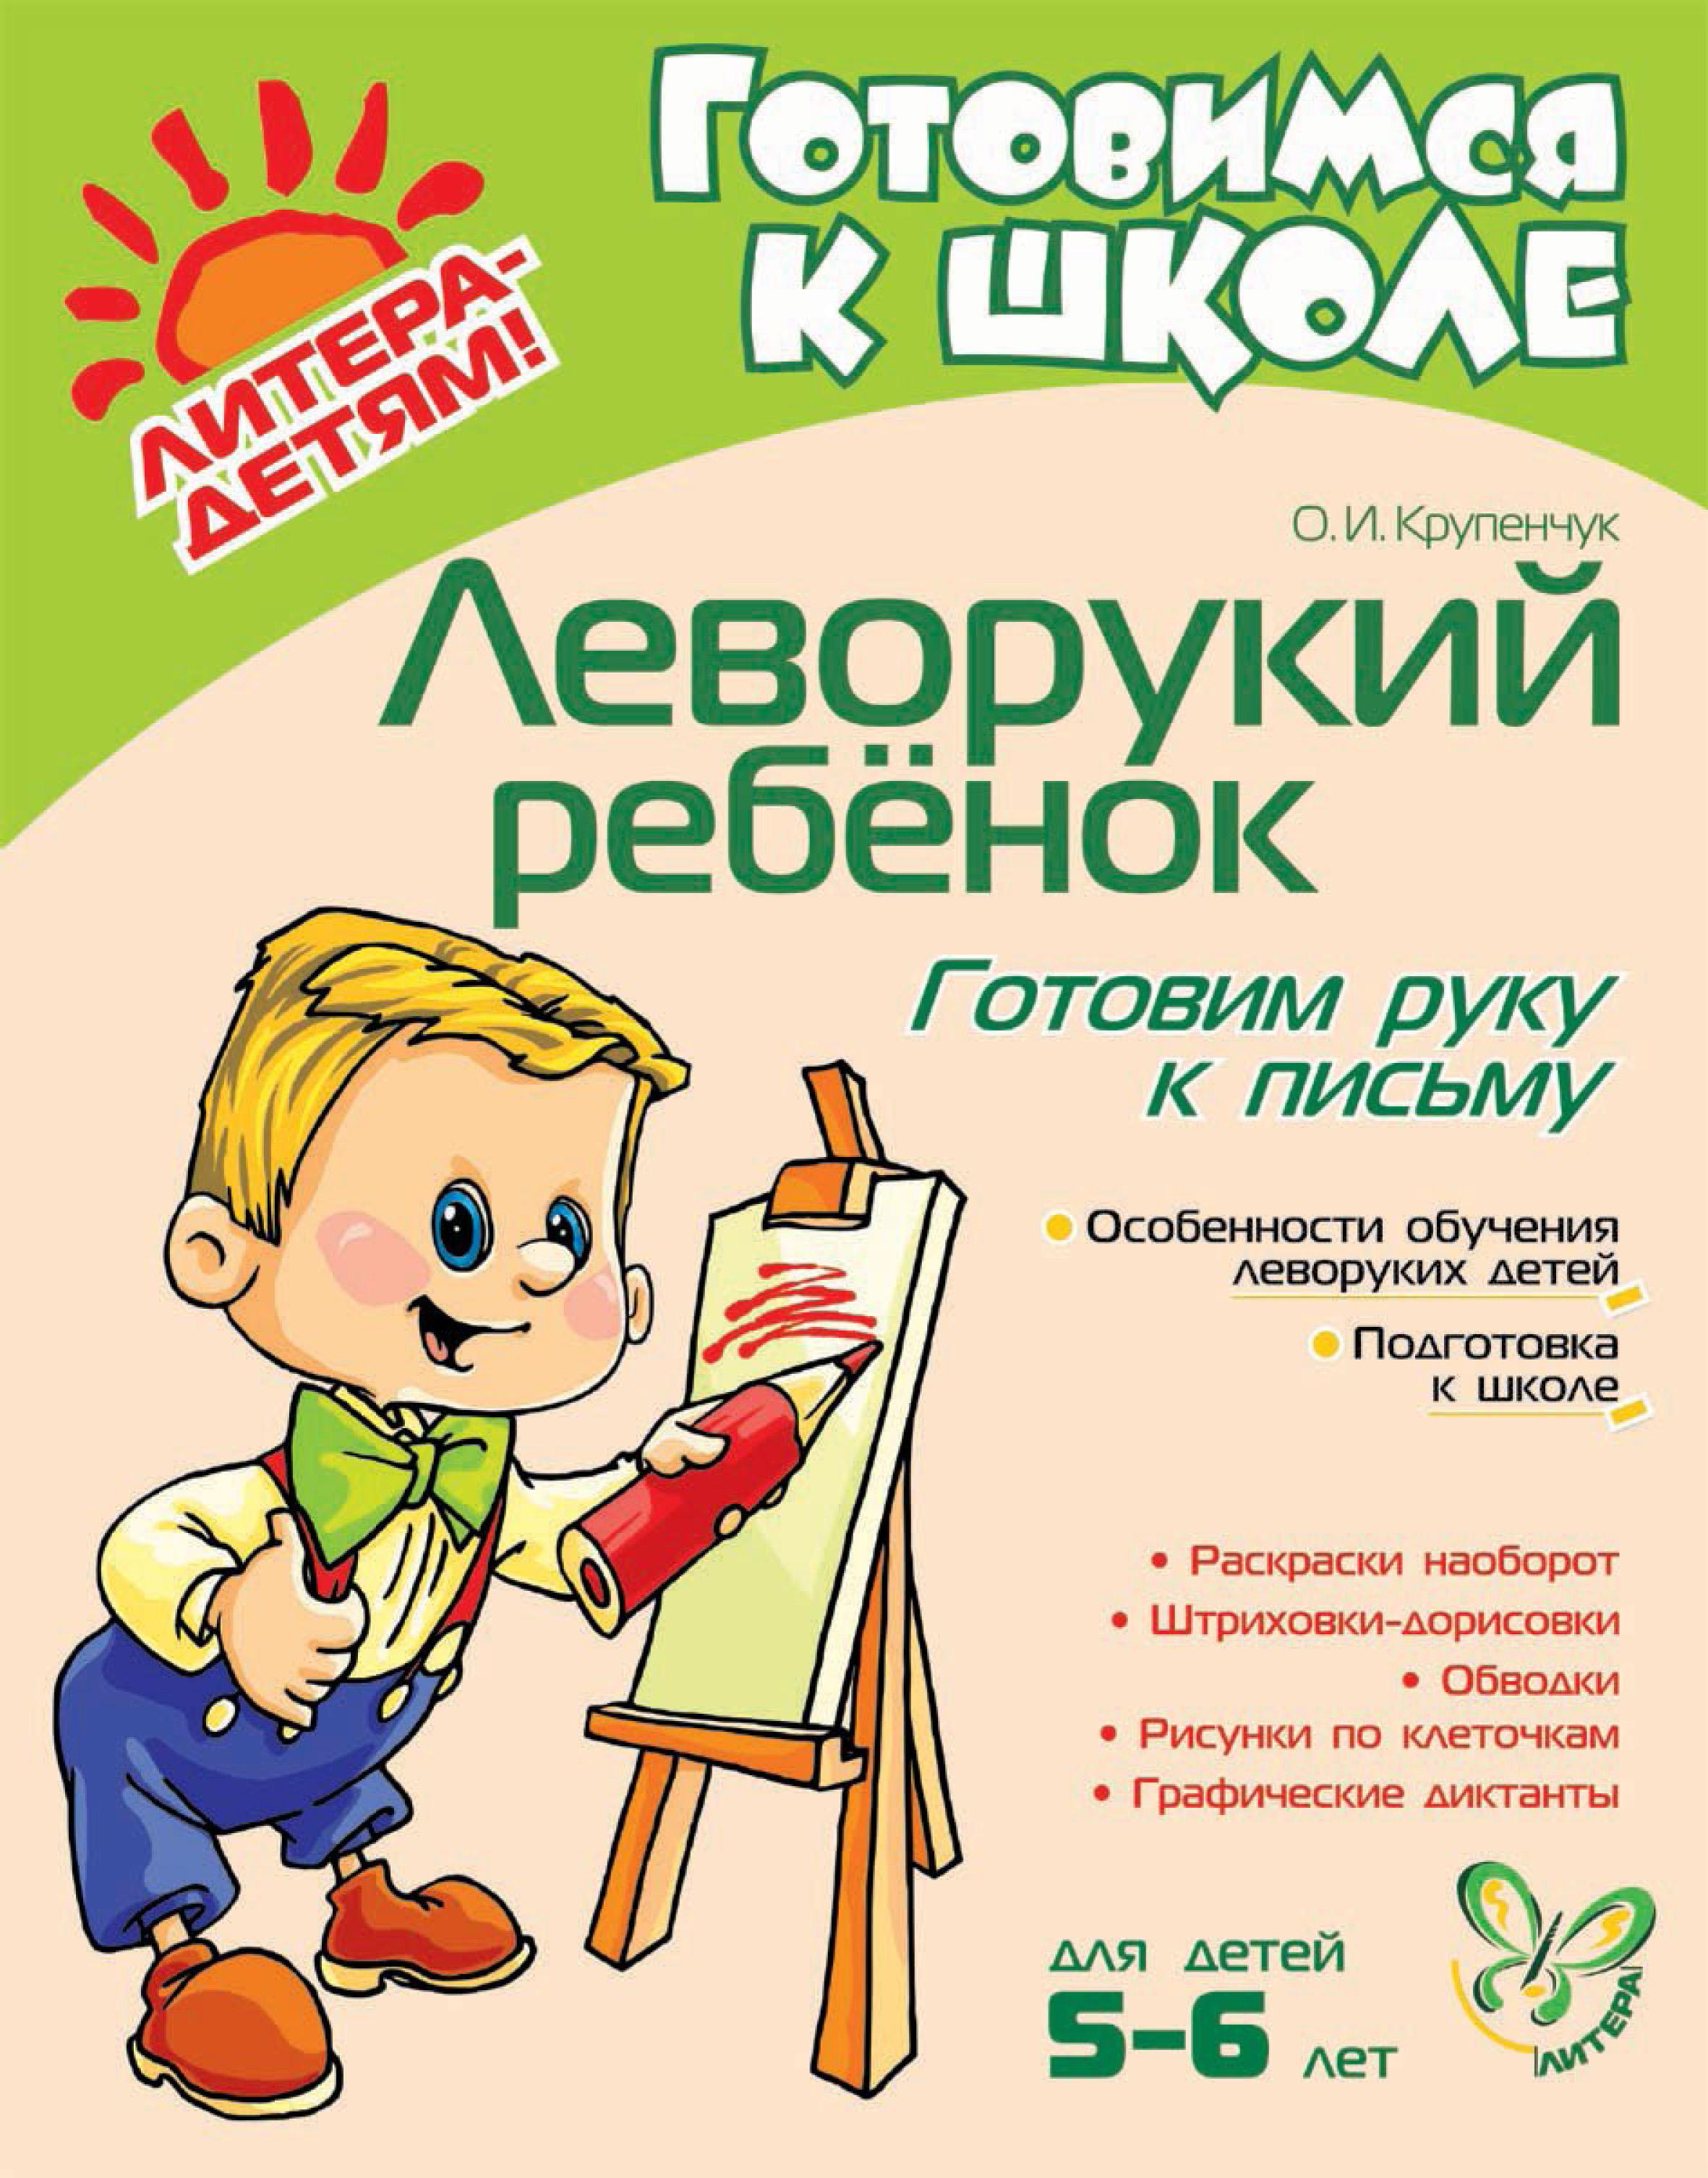 О. И. Крупенчук Леворукий ребёнок. Готовим руку к письму крупенчук о готовим руку к письму рисуем по клеточкам для детей 5 6 лет